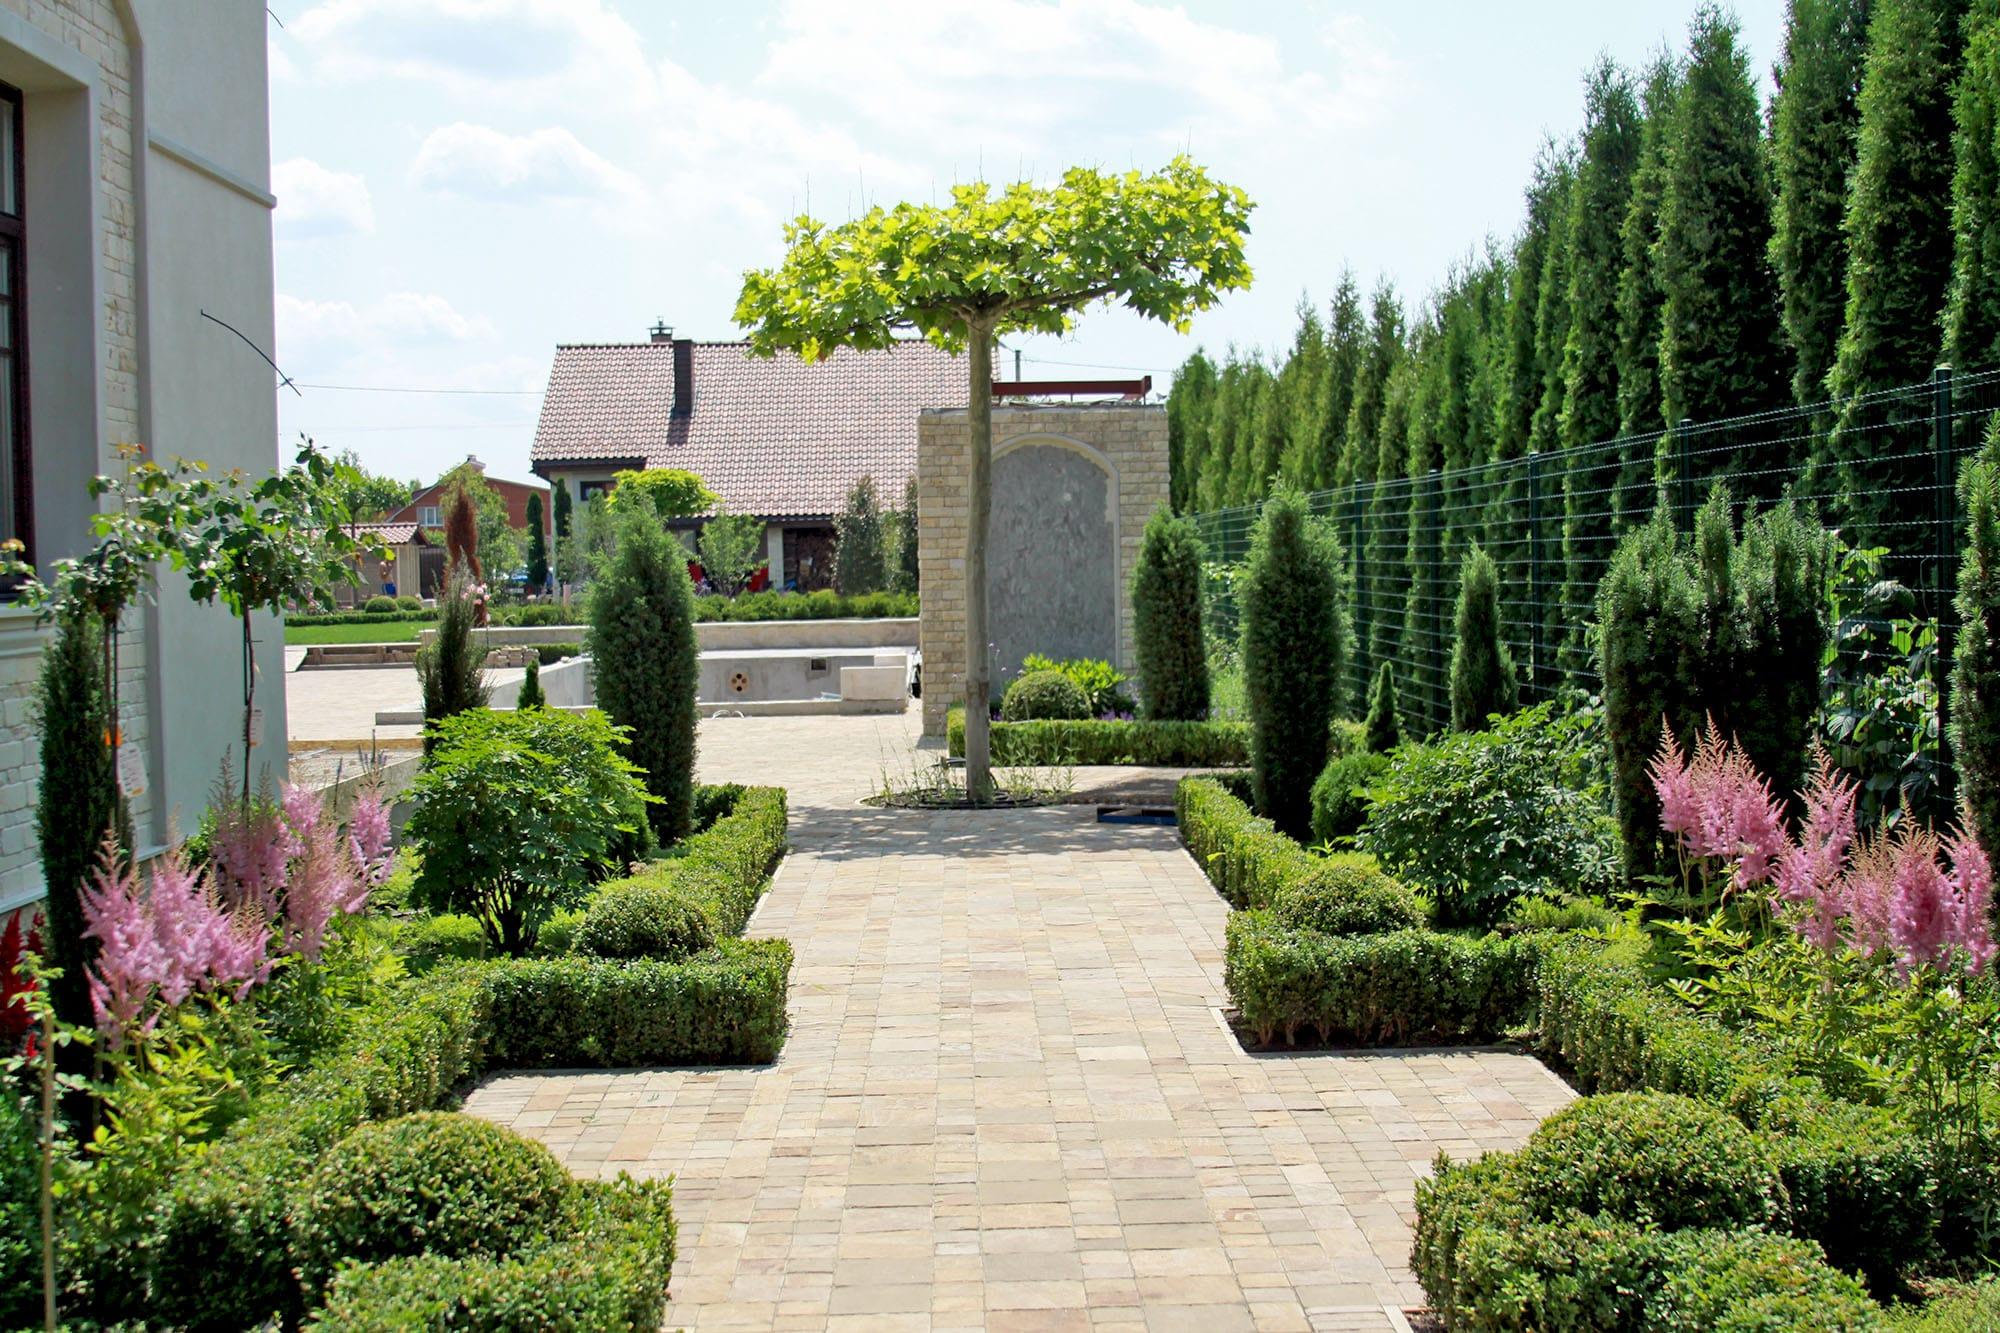 Зеленая изгородь из растений. Фото компании ландшафтного дизайна Магия сада